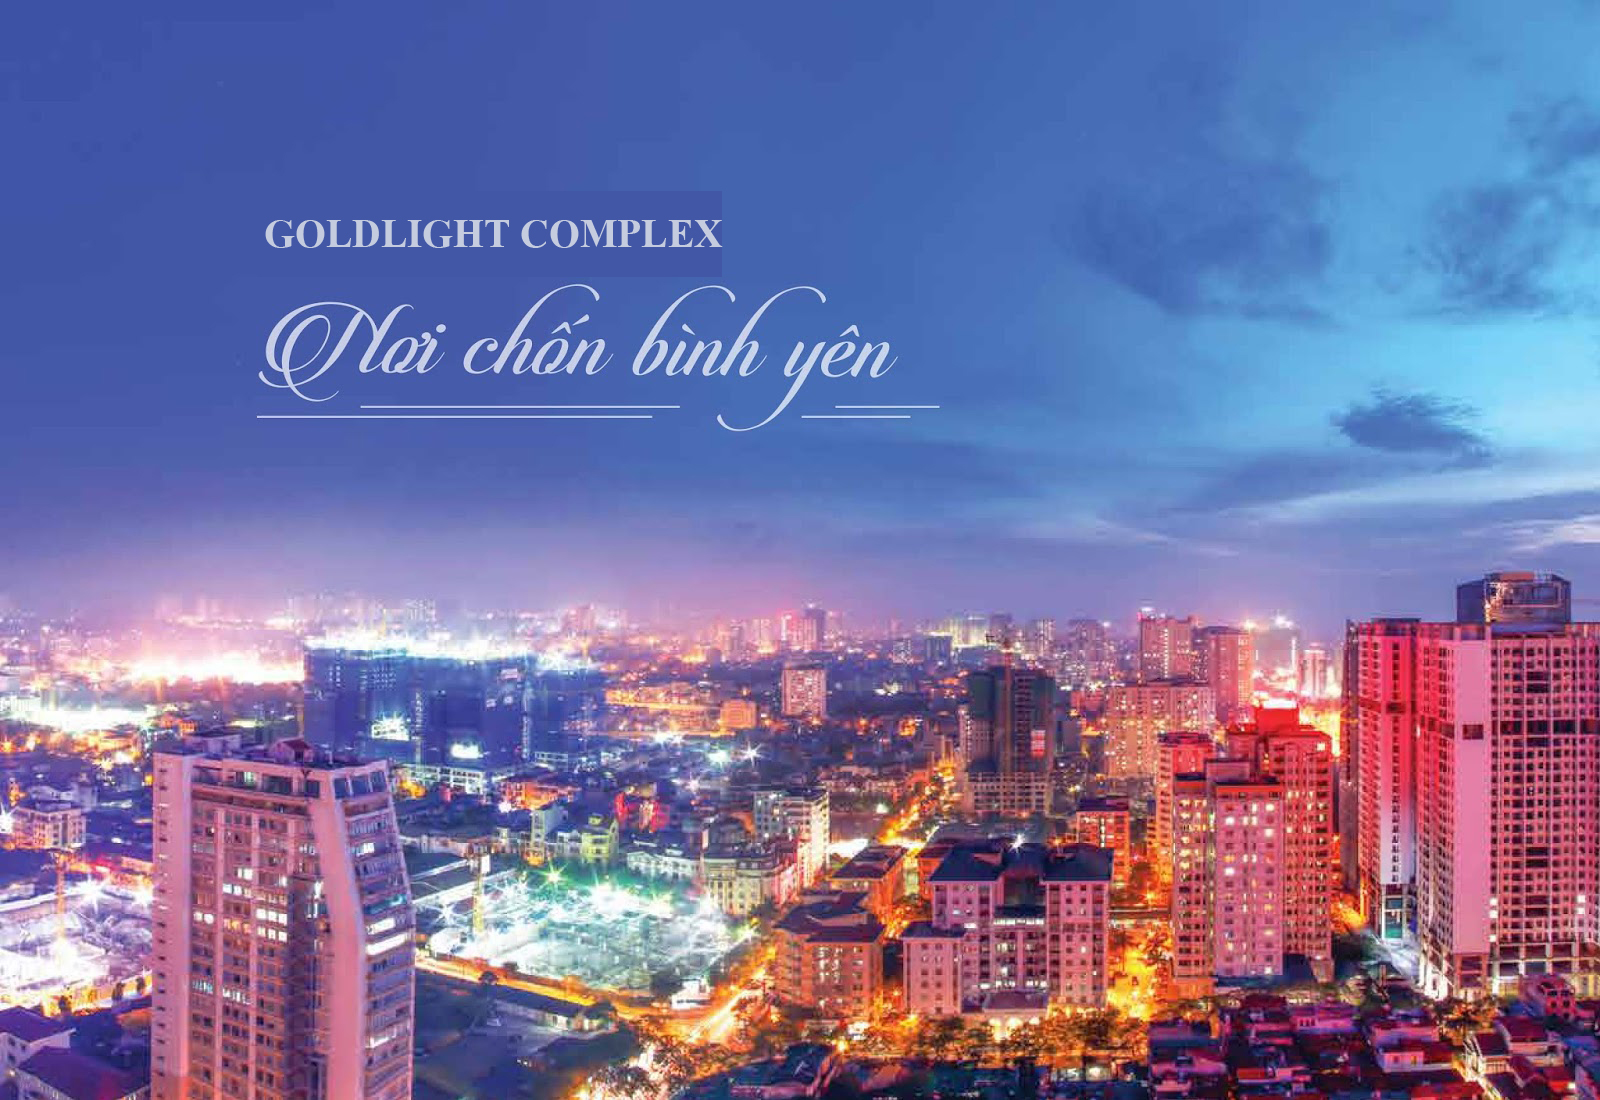 Goldlight complex nơi cuộc sống bình yên